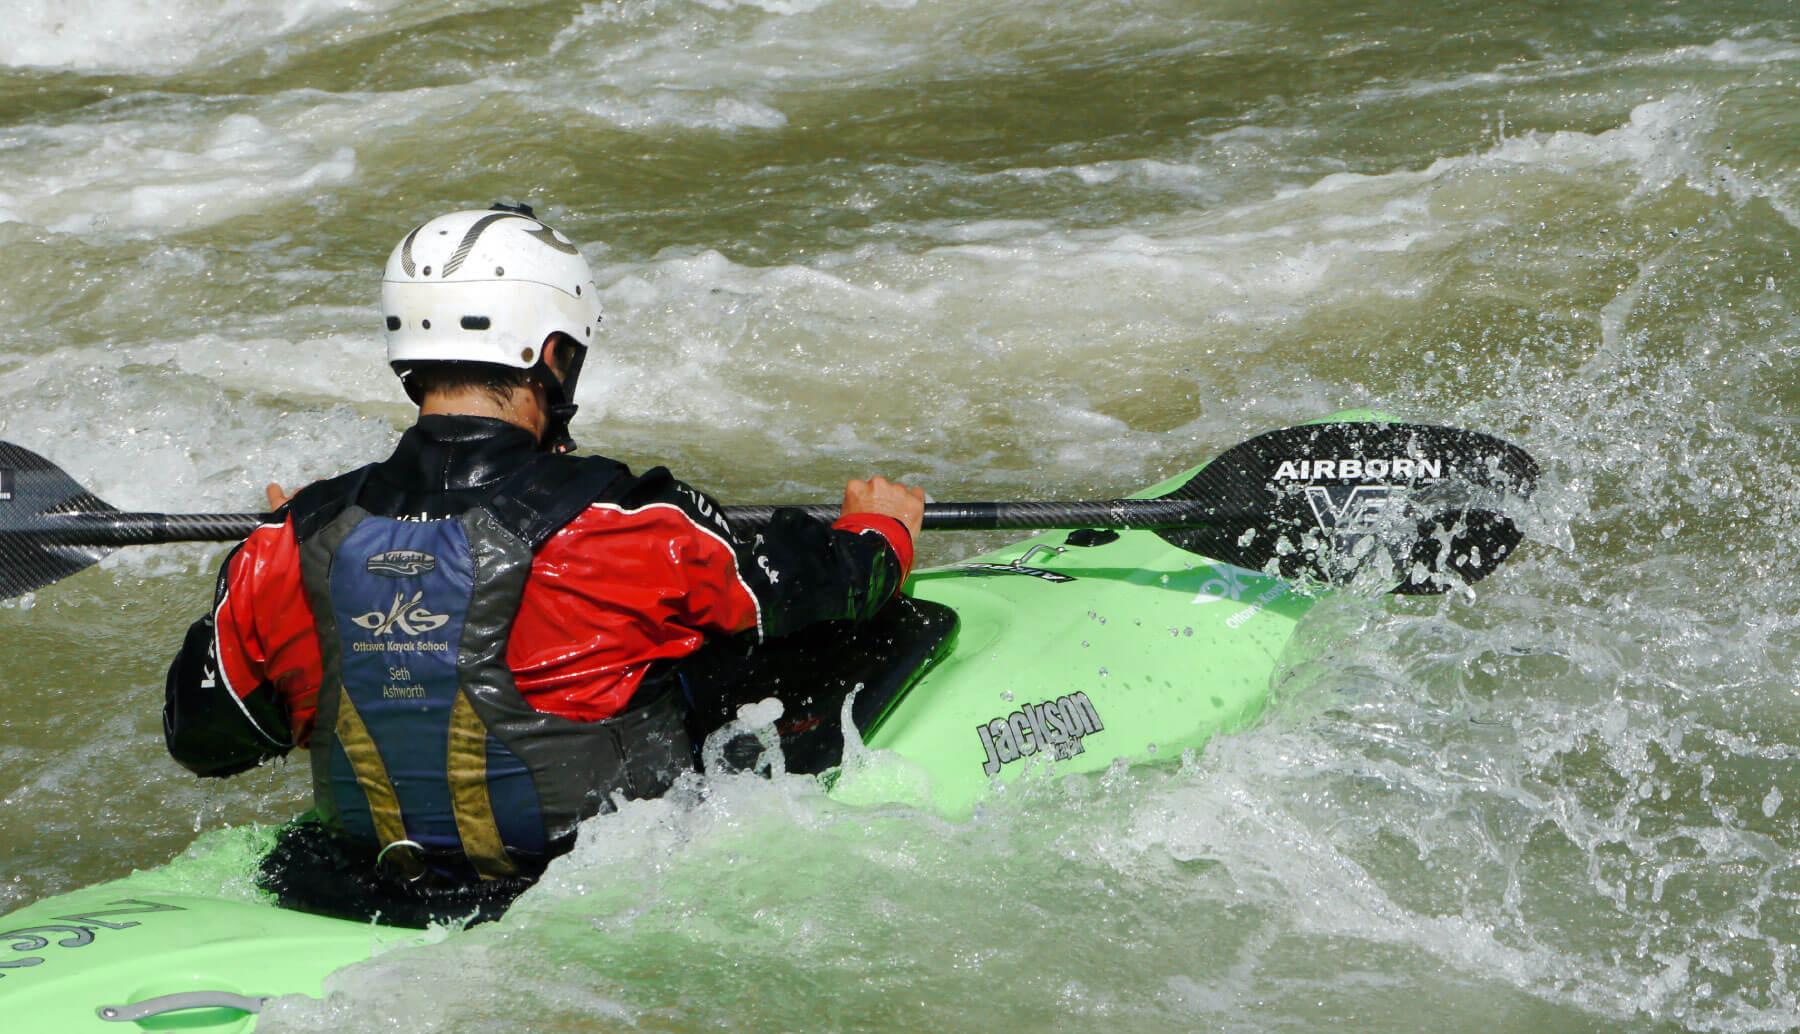 Paddling in a green kayak